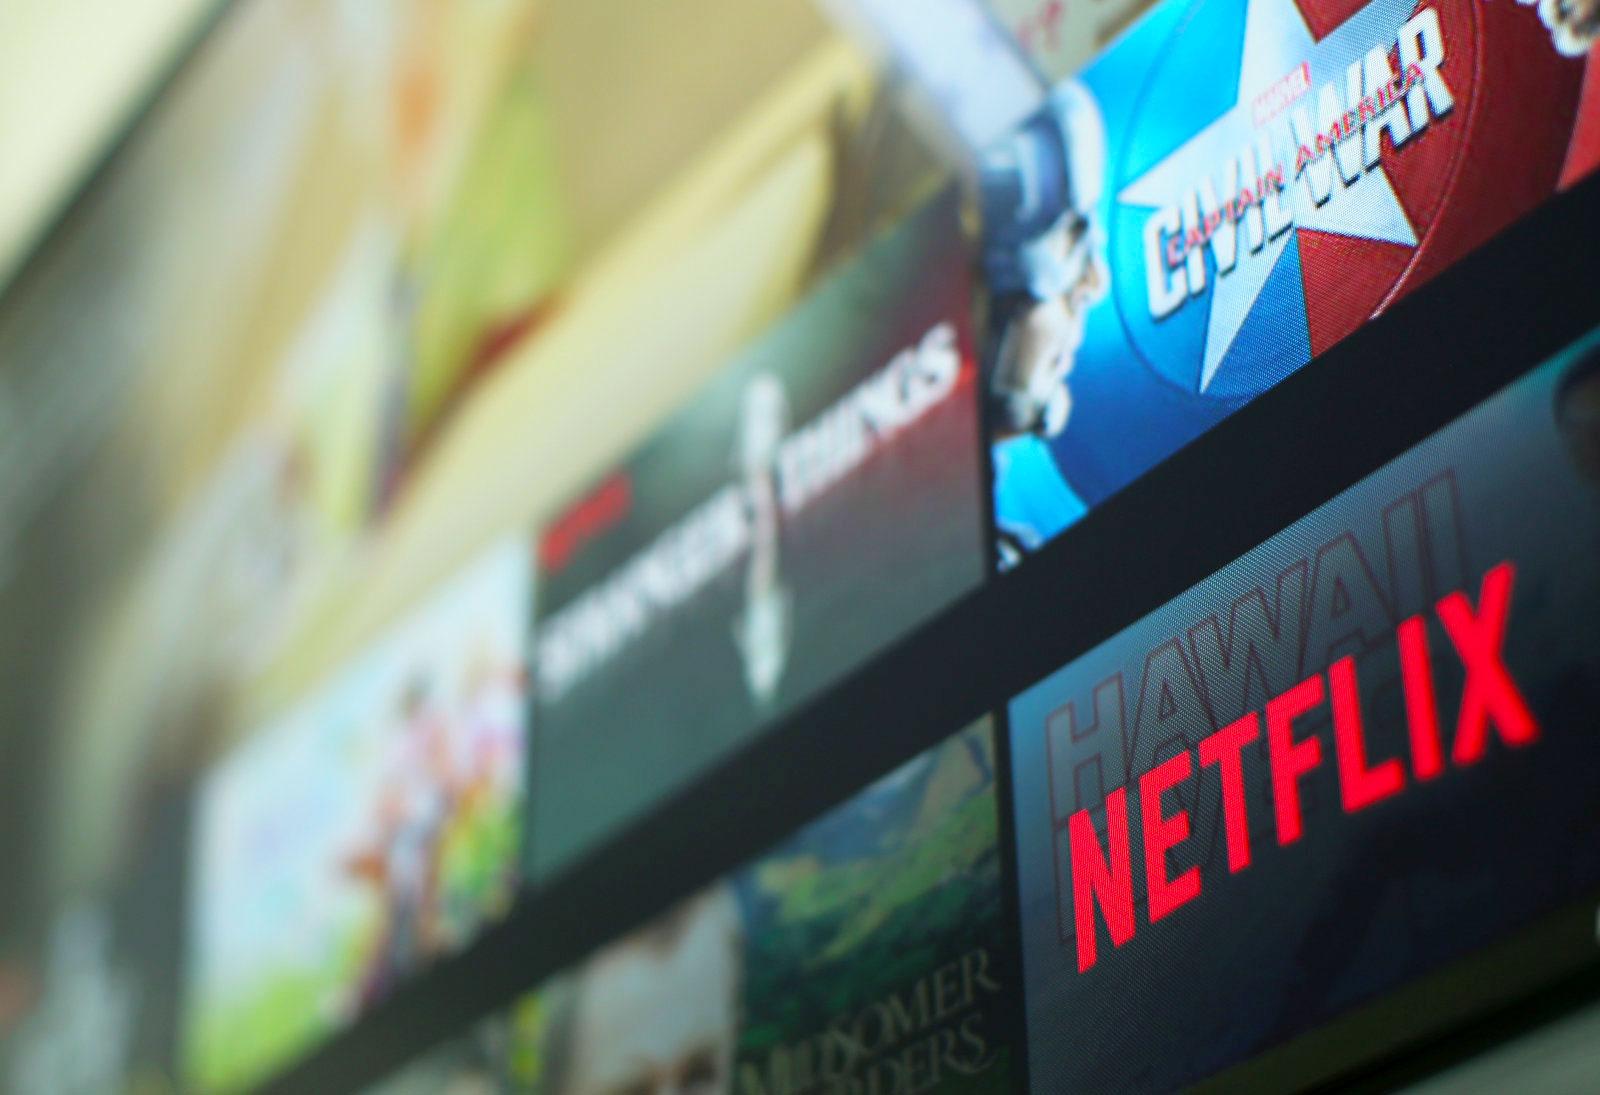 有线电视机顶盒芯片厂商无奈起诉,称用户大量流失已影响业务